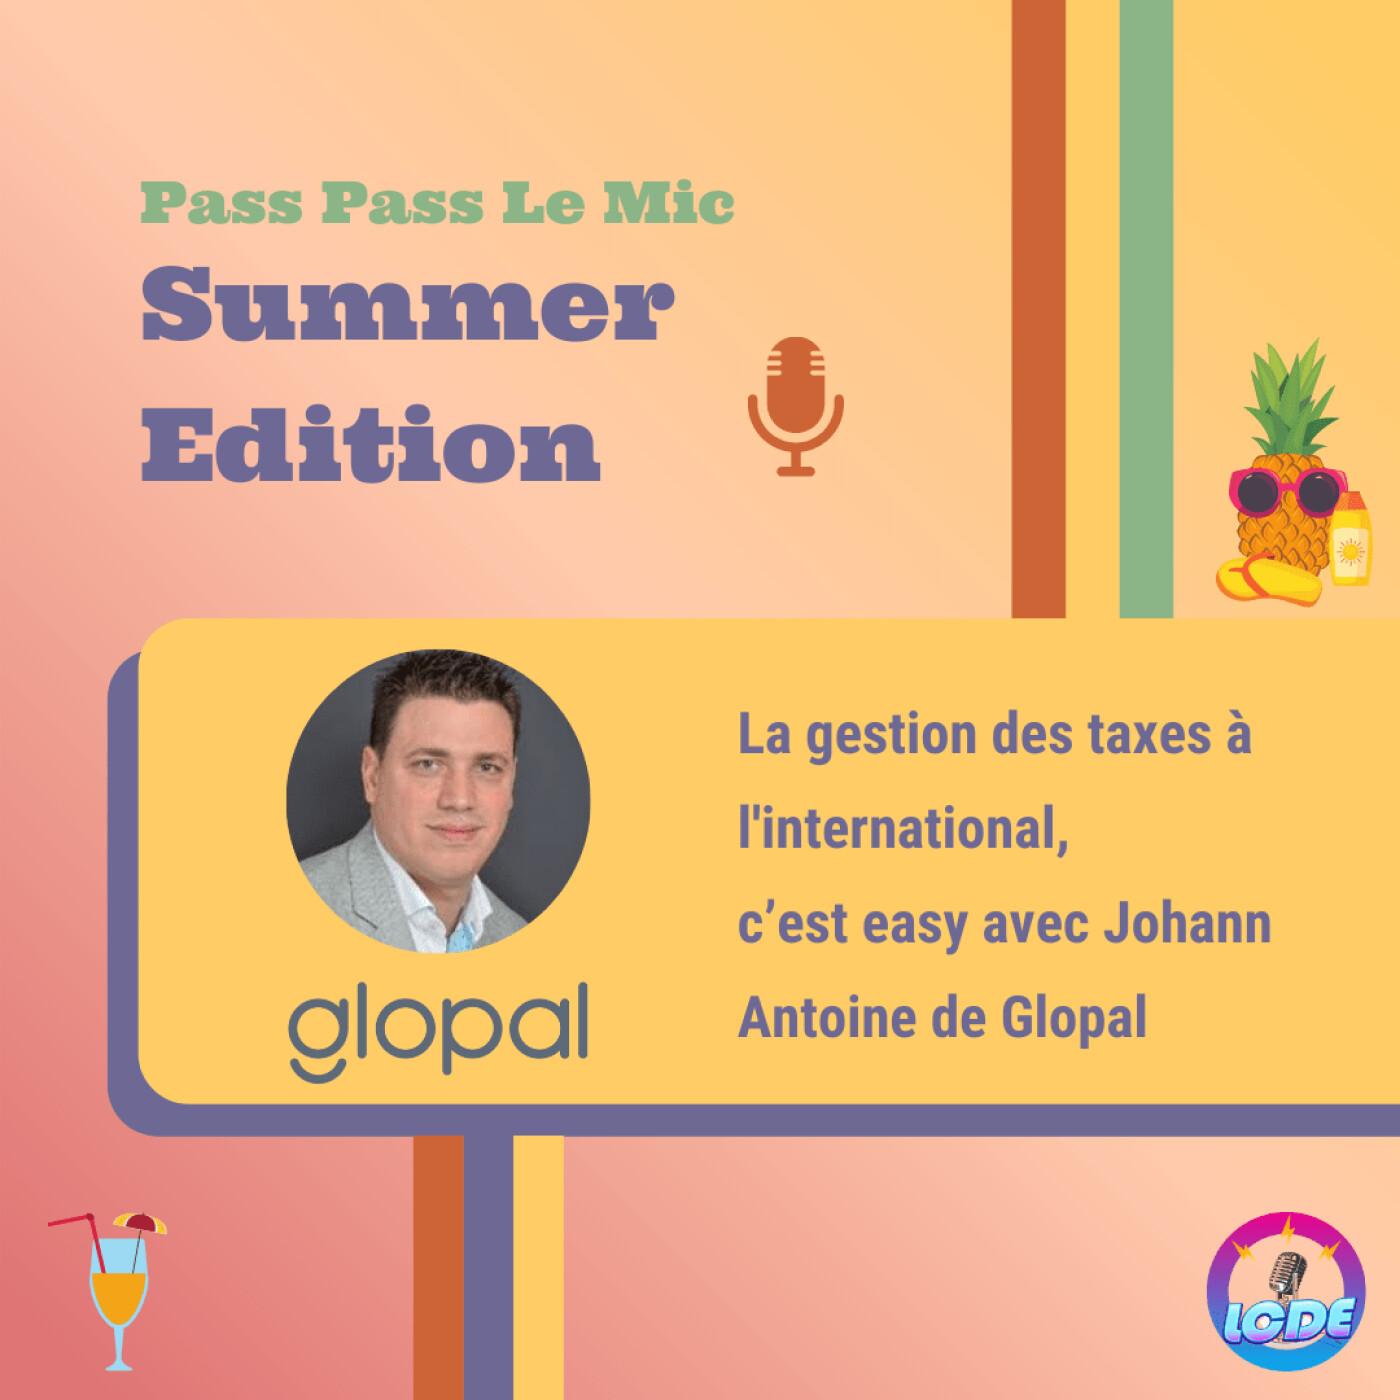 PPLM Summer Edition - La gestion des taxes à l'international, c'est easy avec Johann Antoine de Glopal